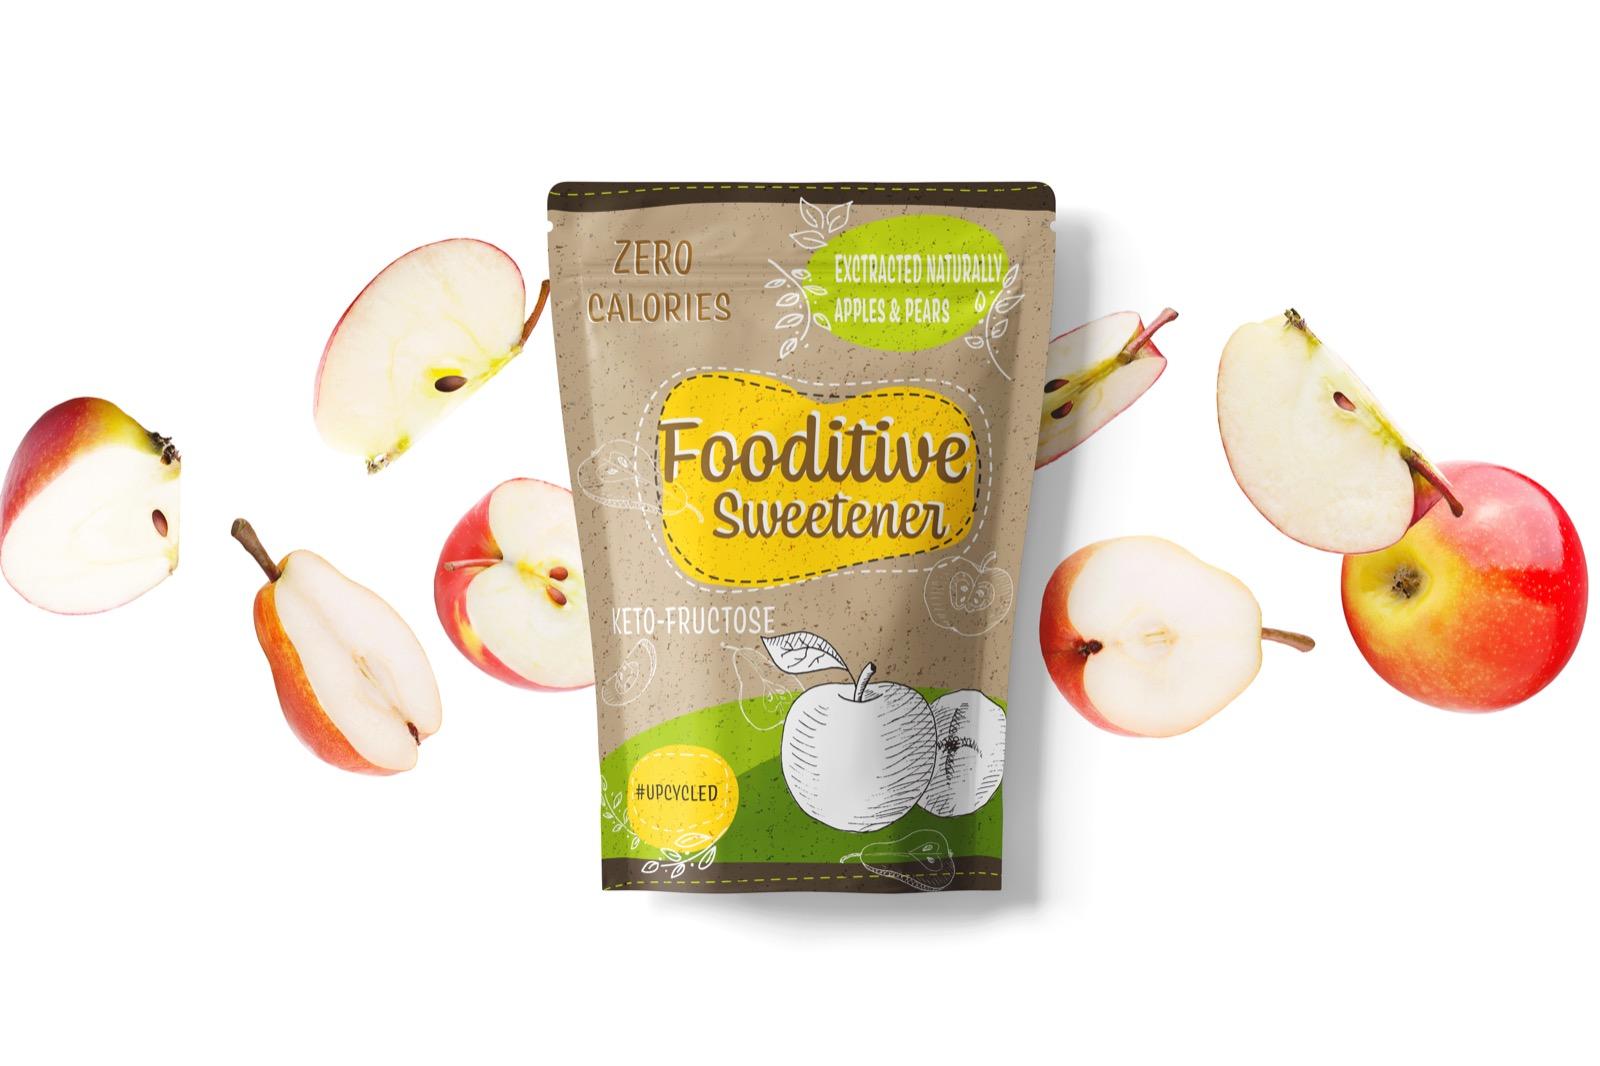 Fooditive Sweetener